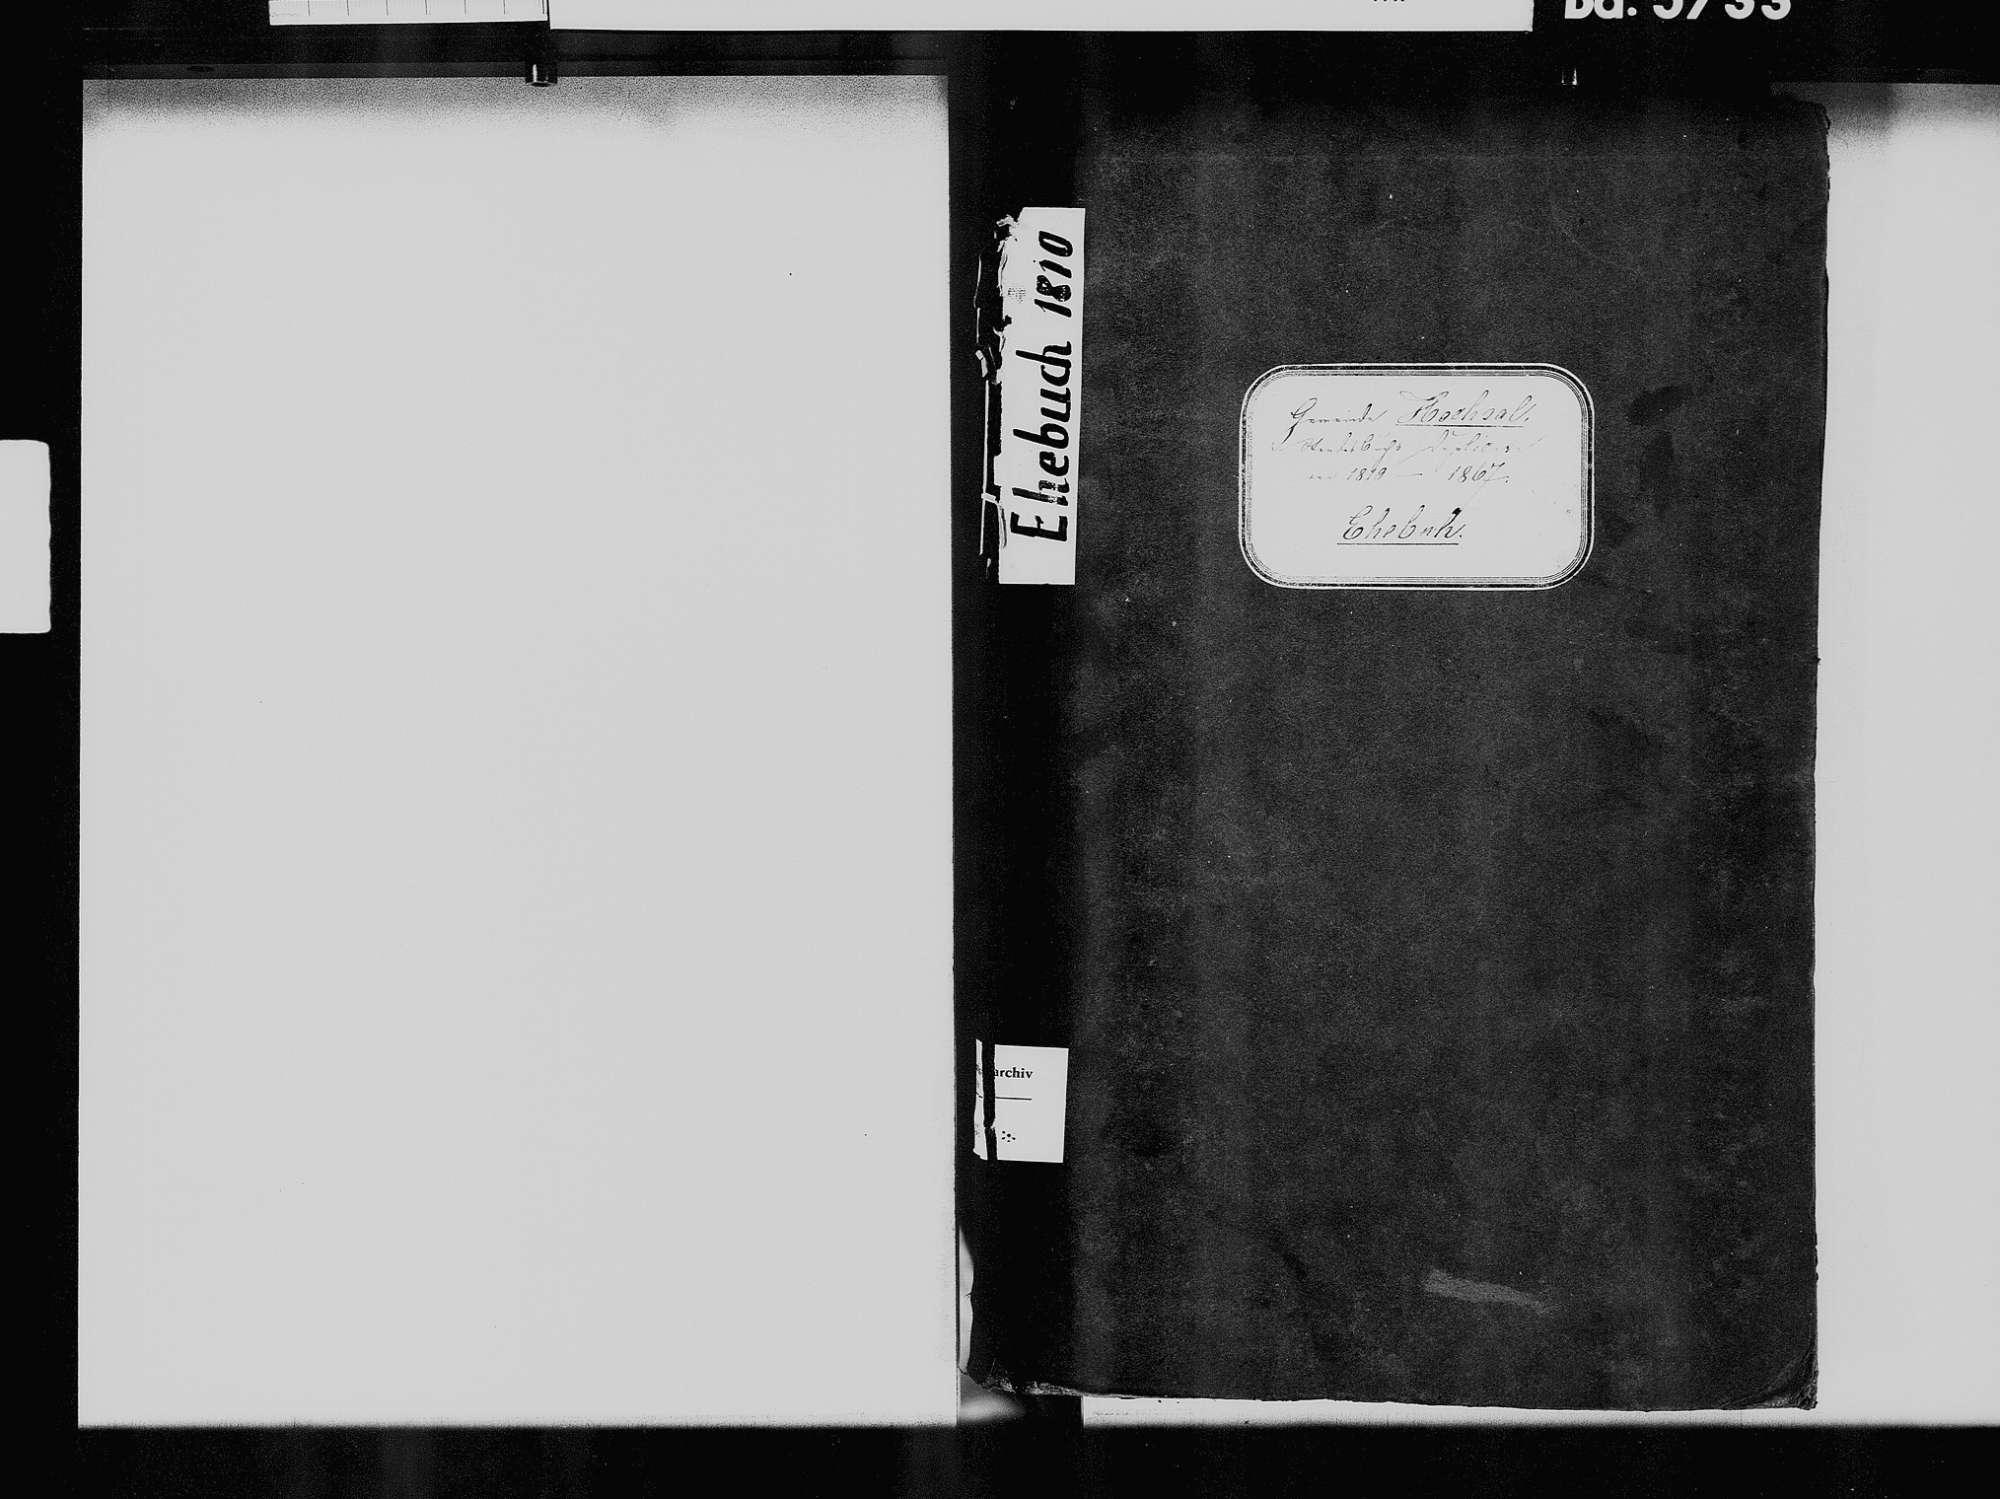 Hochsal, Laufenburg (Baden) WT; Katholische Gemeinde: Heiratsbuch 1810-1869 Hochsal, Laufenburg (Baden) WT; Katholische Gemeinde: Sterbebuch 1861, Bild 3